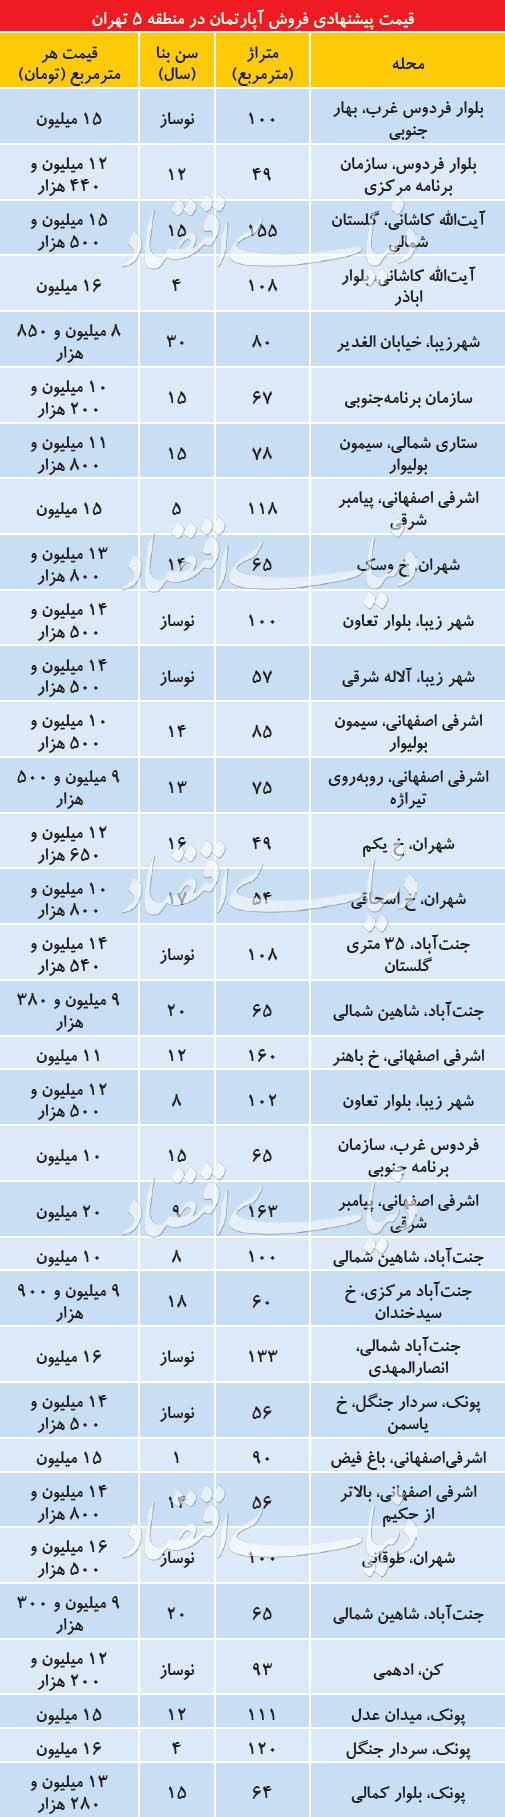 اوضاع قیمت مسکن در منطقه ۵ تهران - 3